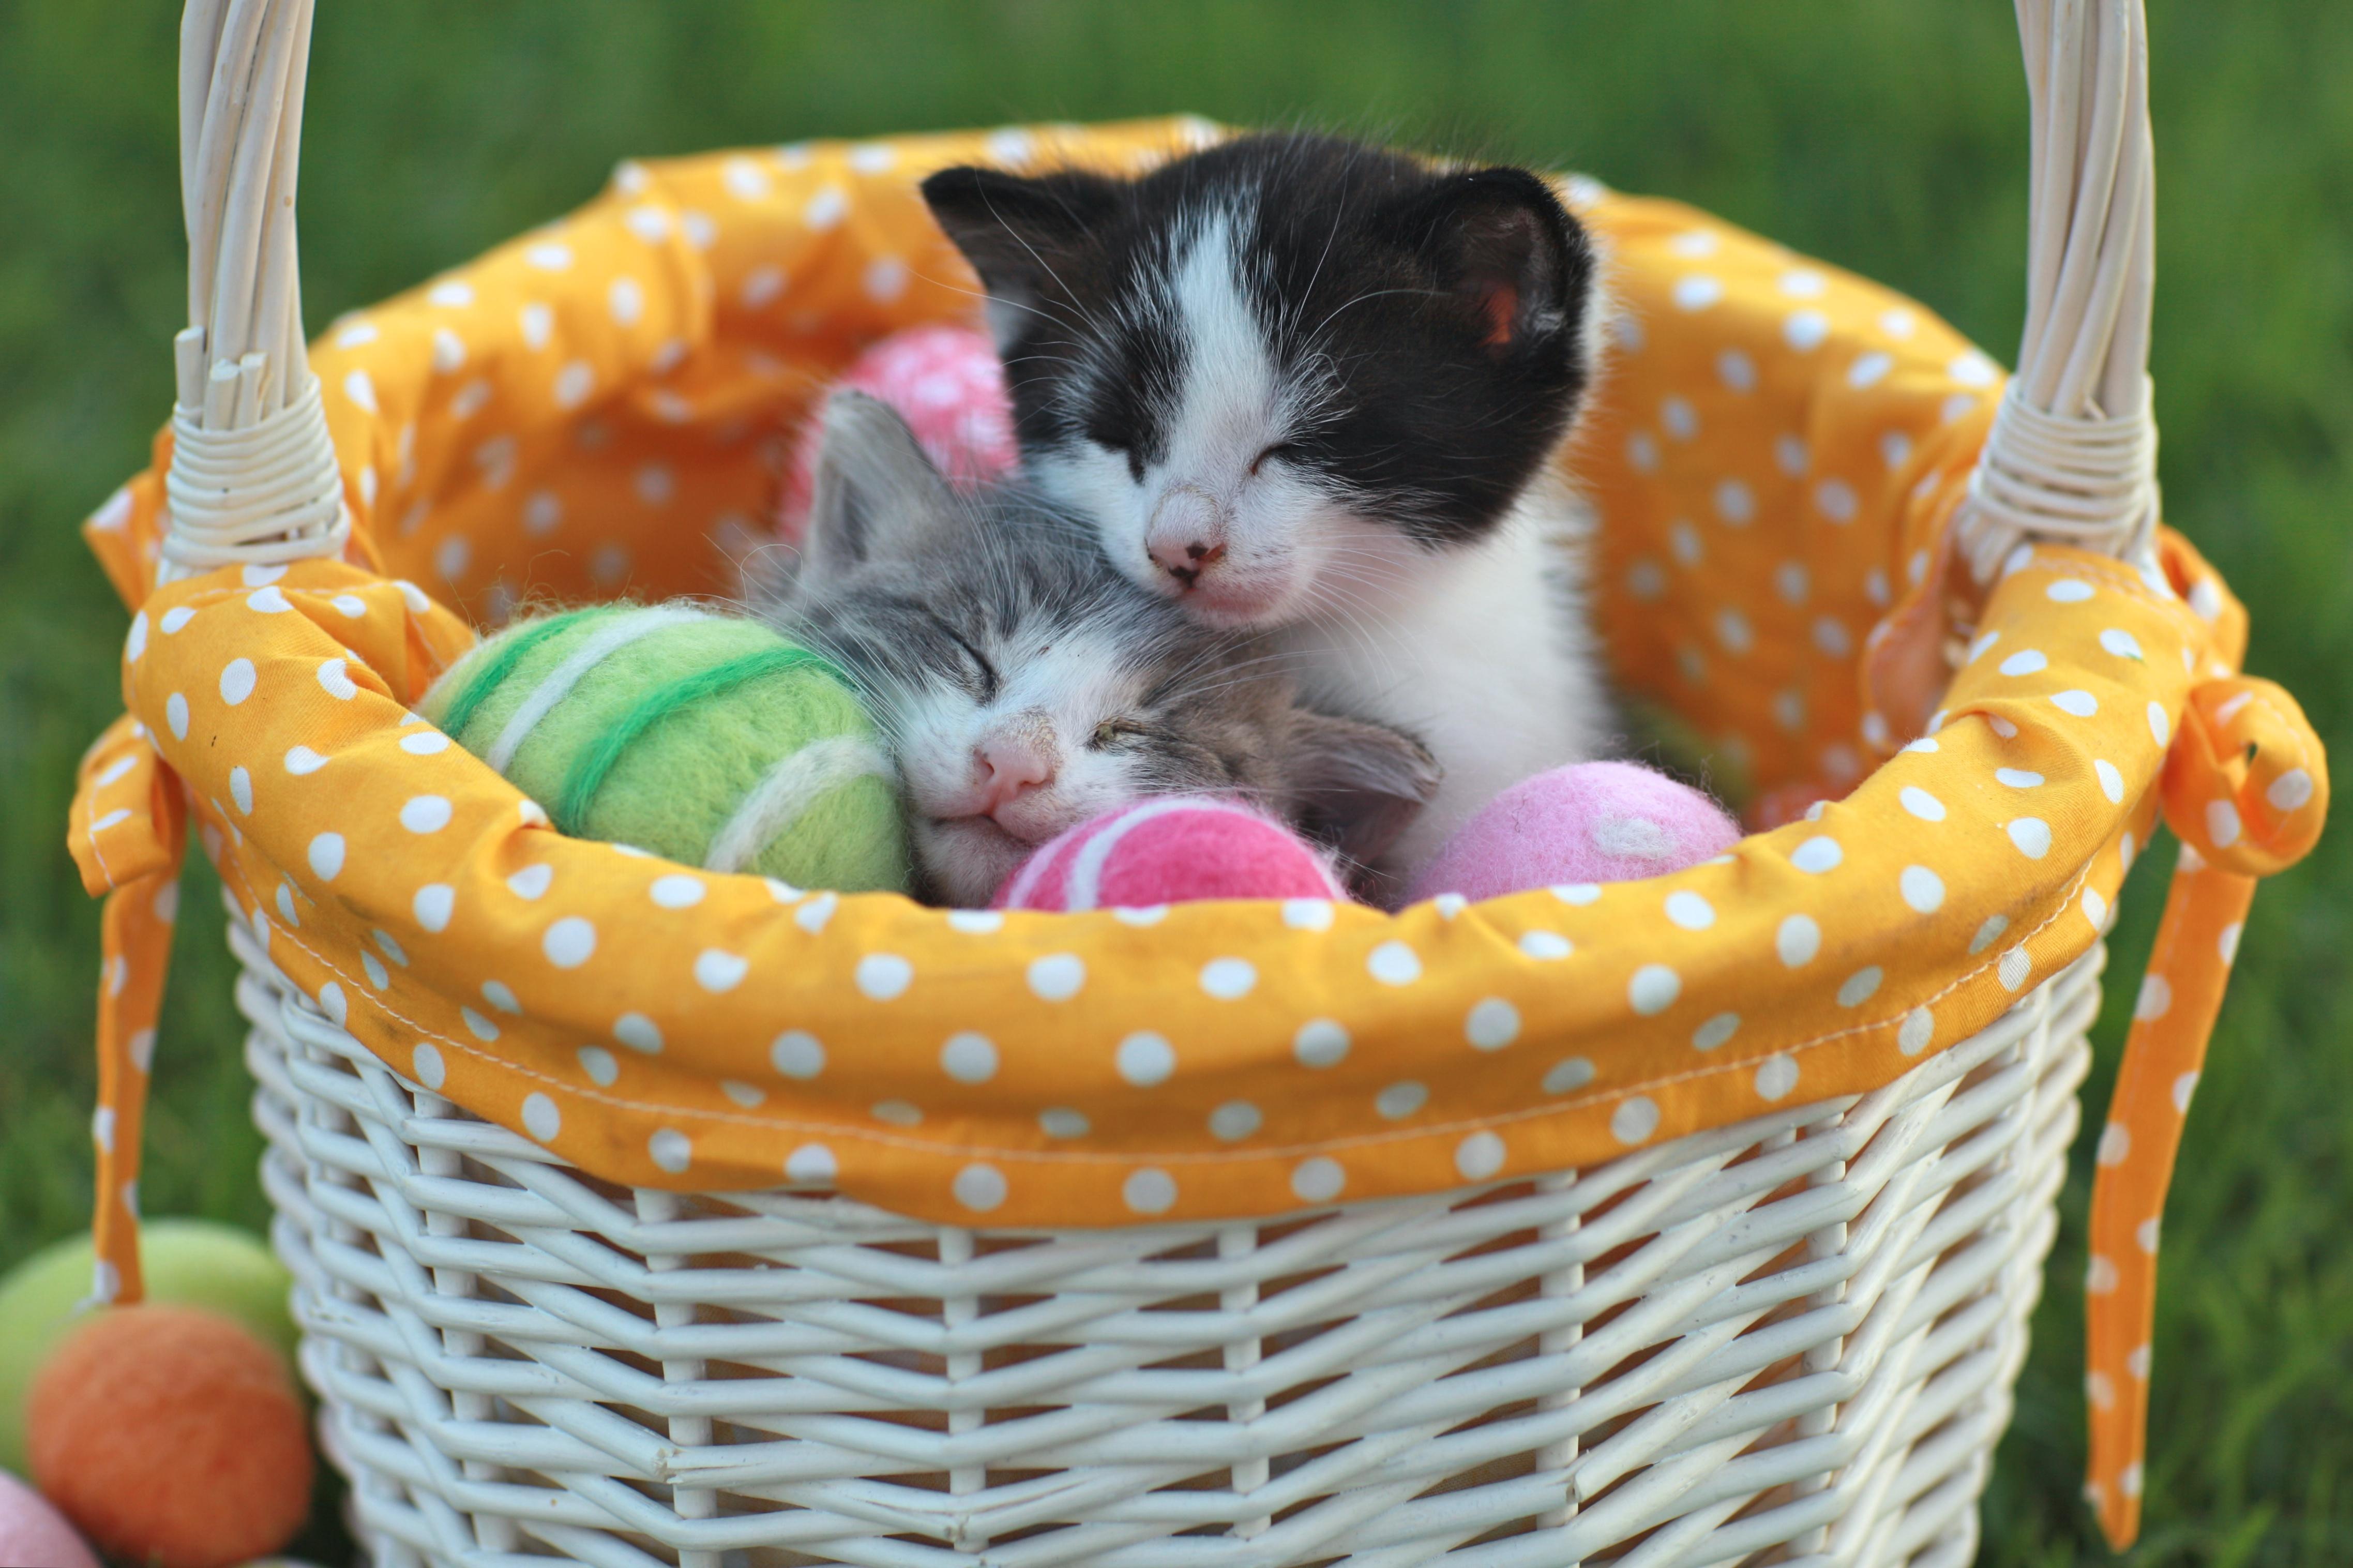 Med rätt kunskap kan du undvika påskens faror och du och din katt kan få en härlig påsk tillsammans.